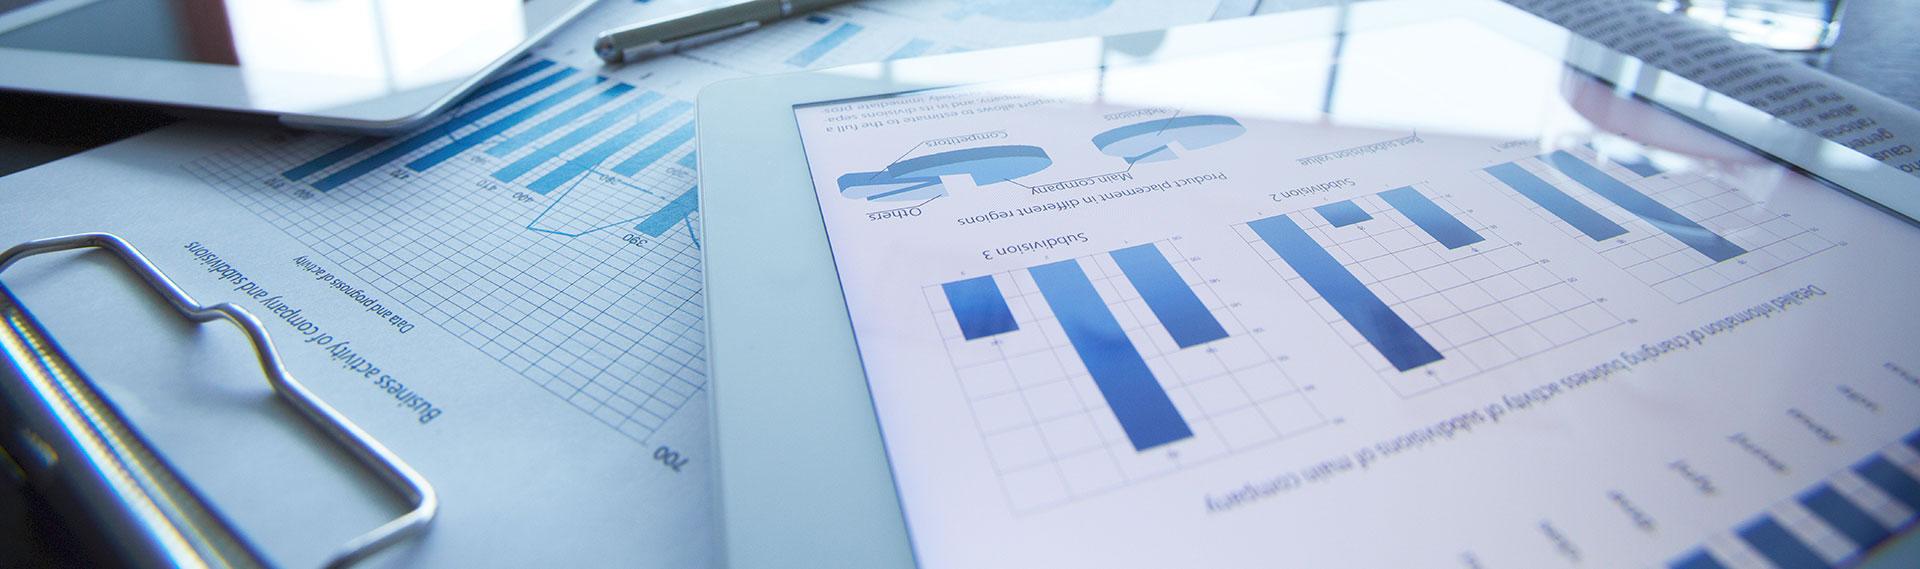 relazione_finaz_semestrale